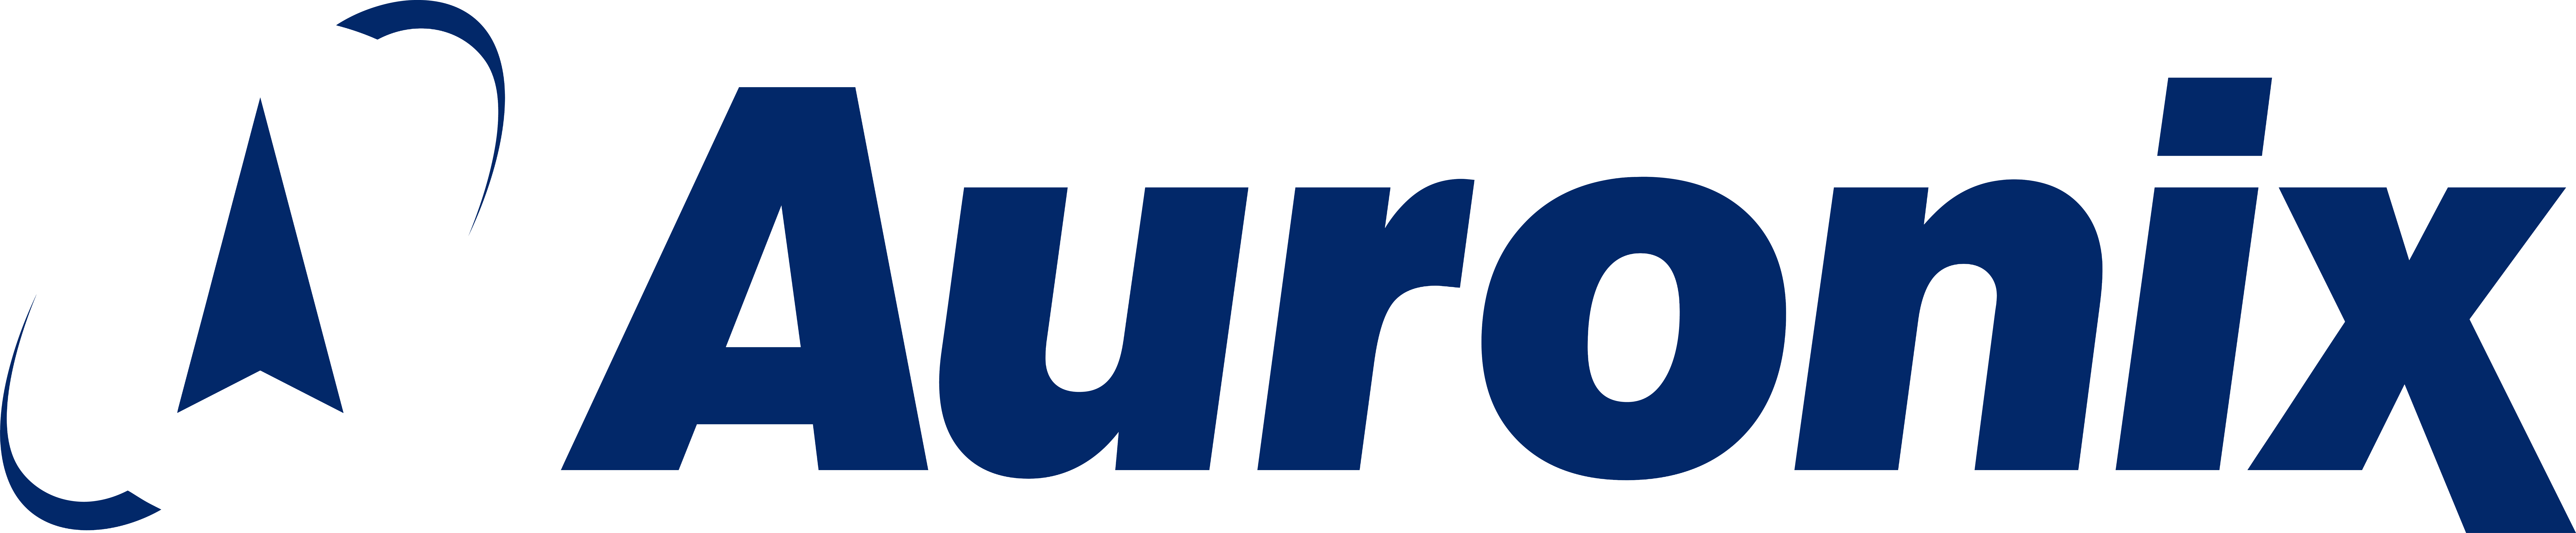 Auronix-3